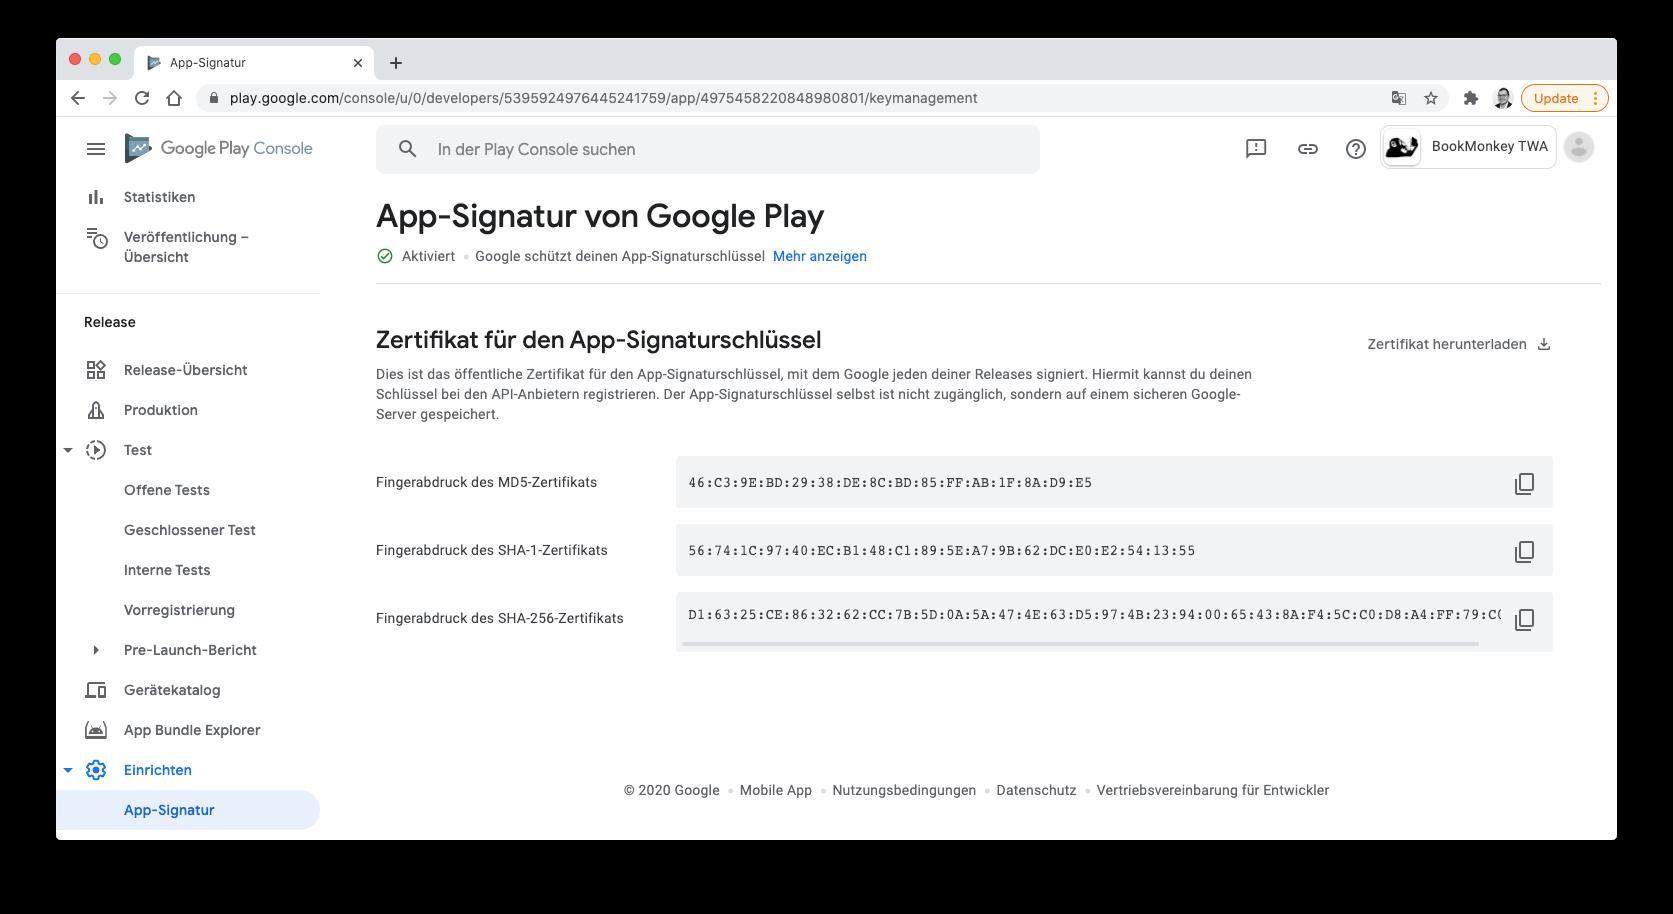 Google Play Console: Kopieren des App-Signaturschlüssels